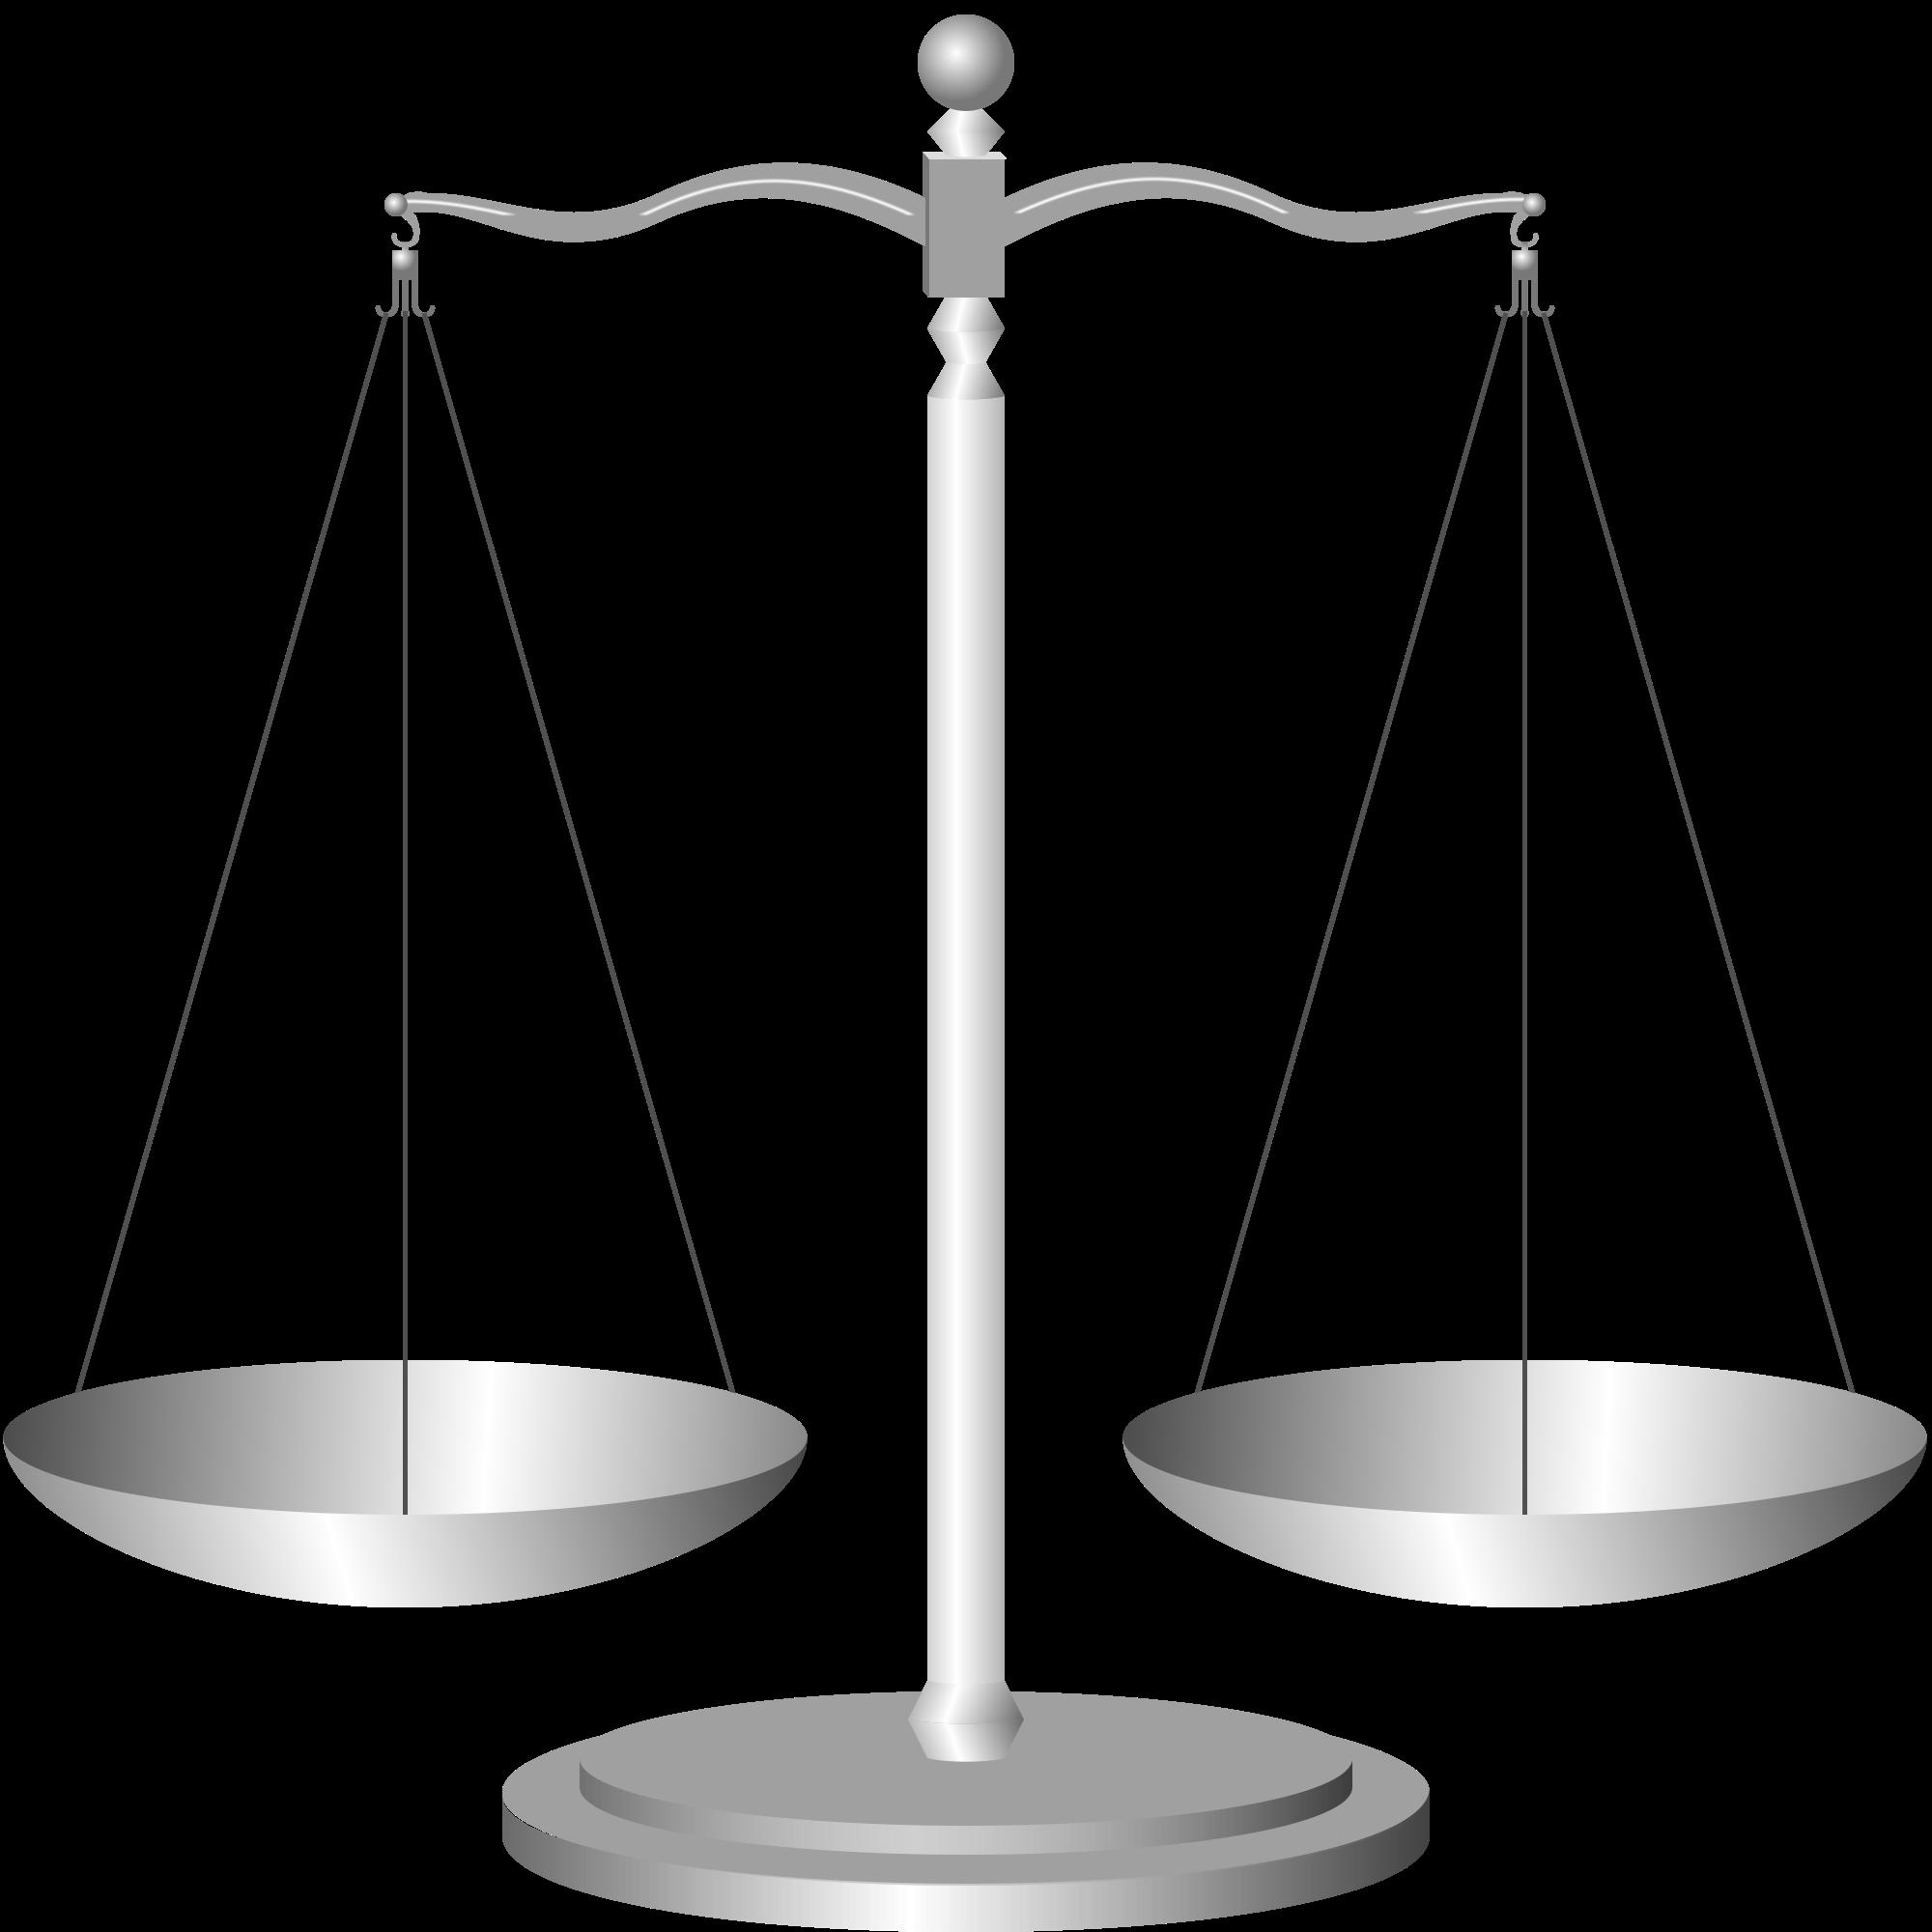 Scale clipart supreme court #4